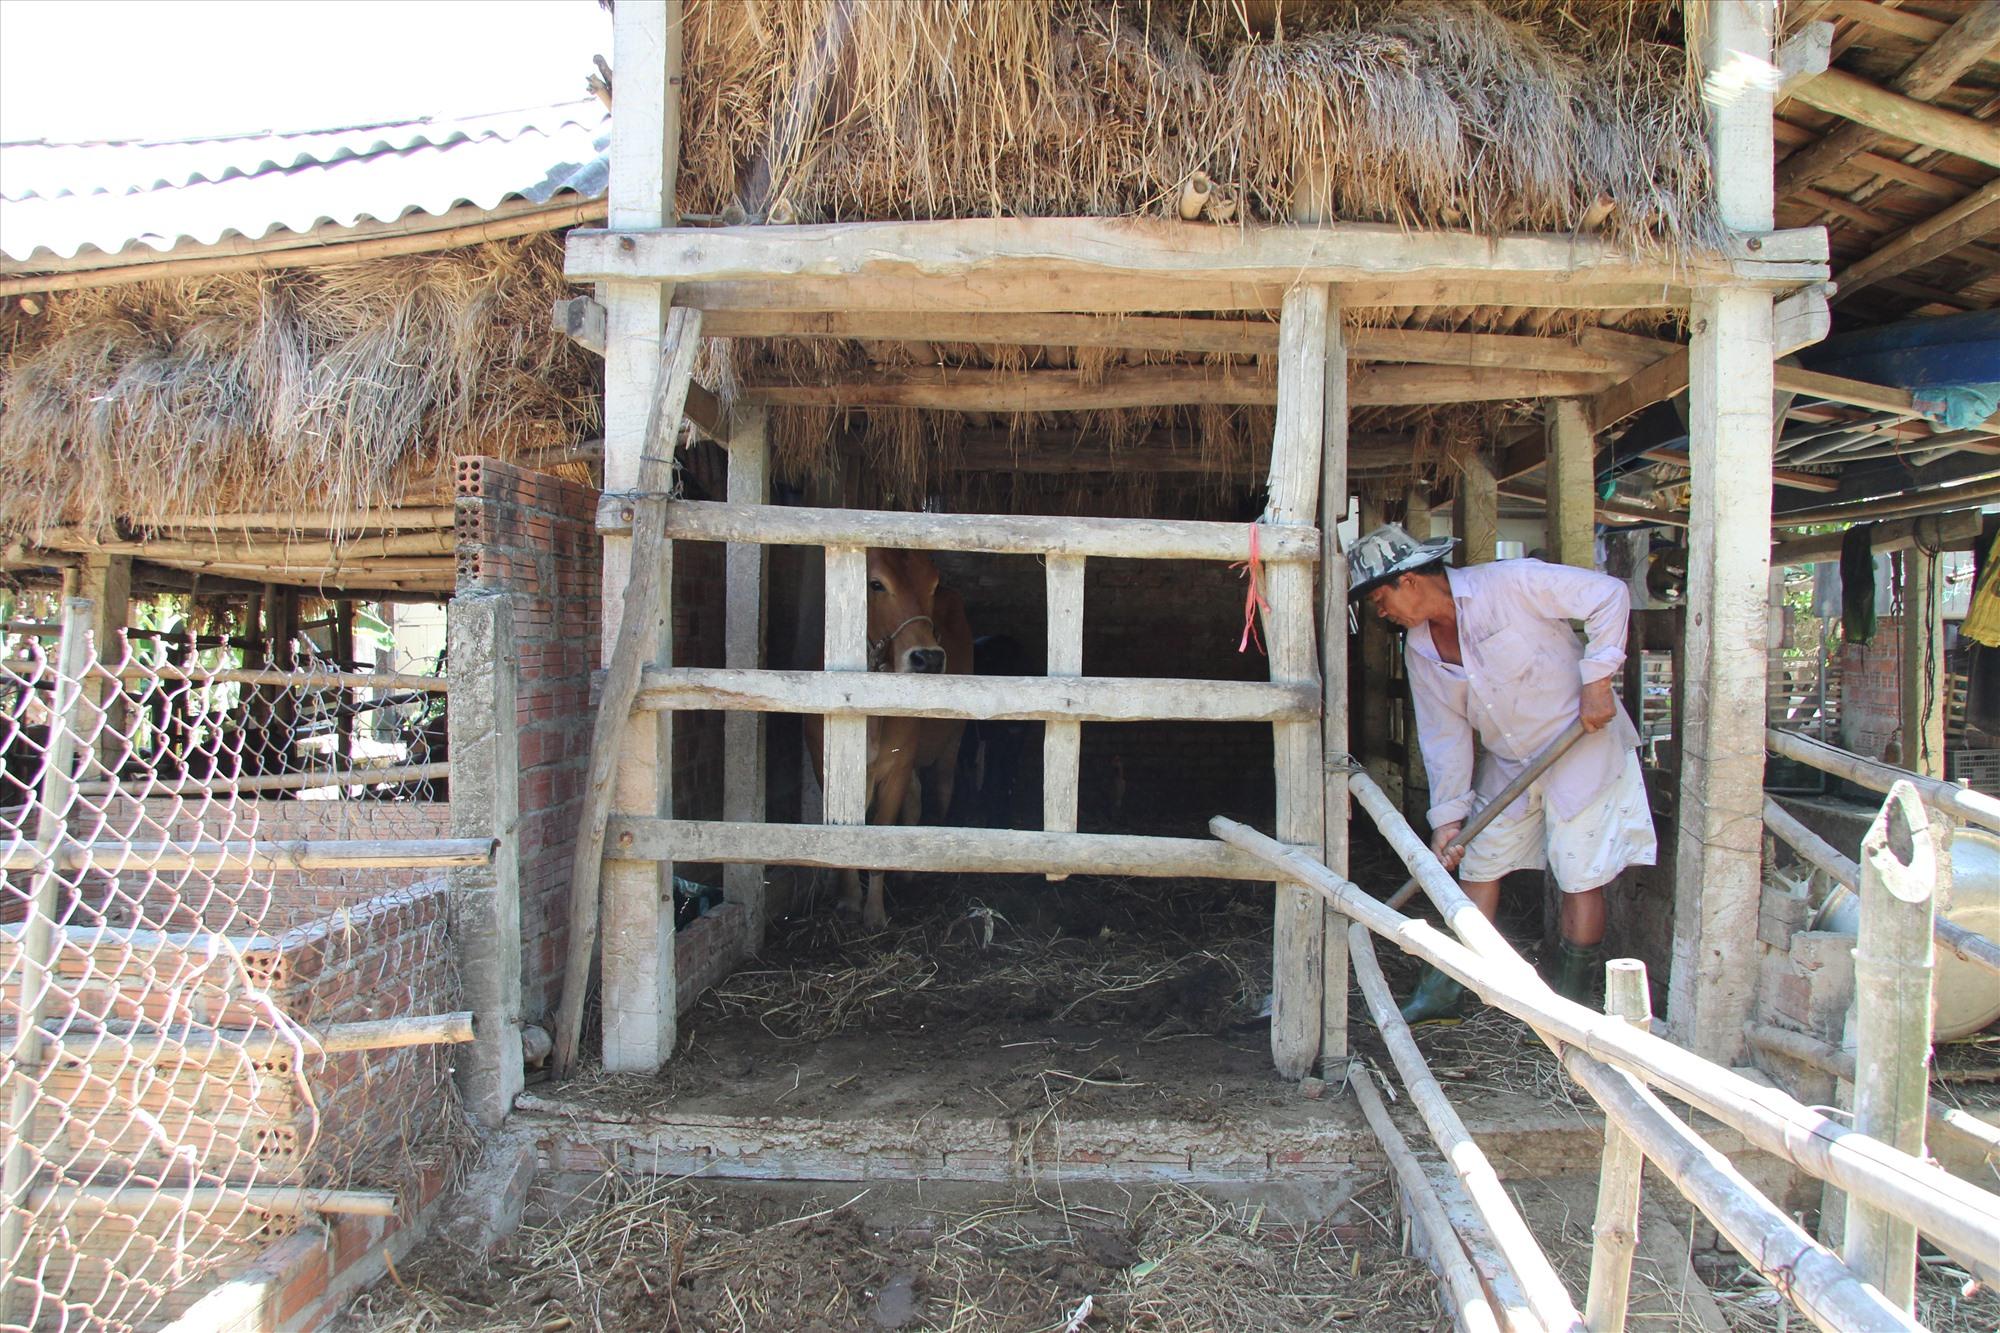 Gia đình ông Ngô Văn Chức đầu tư xây lắp bể bioga để đảm bảo vệ sinh trong chăn nuôi. Ảnh: H.Q